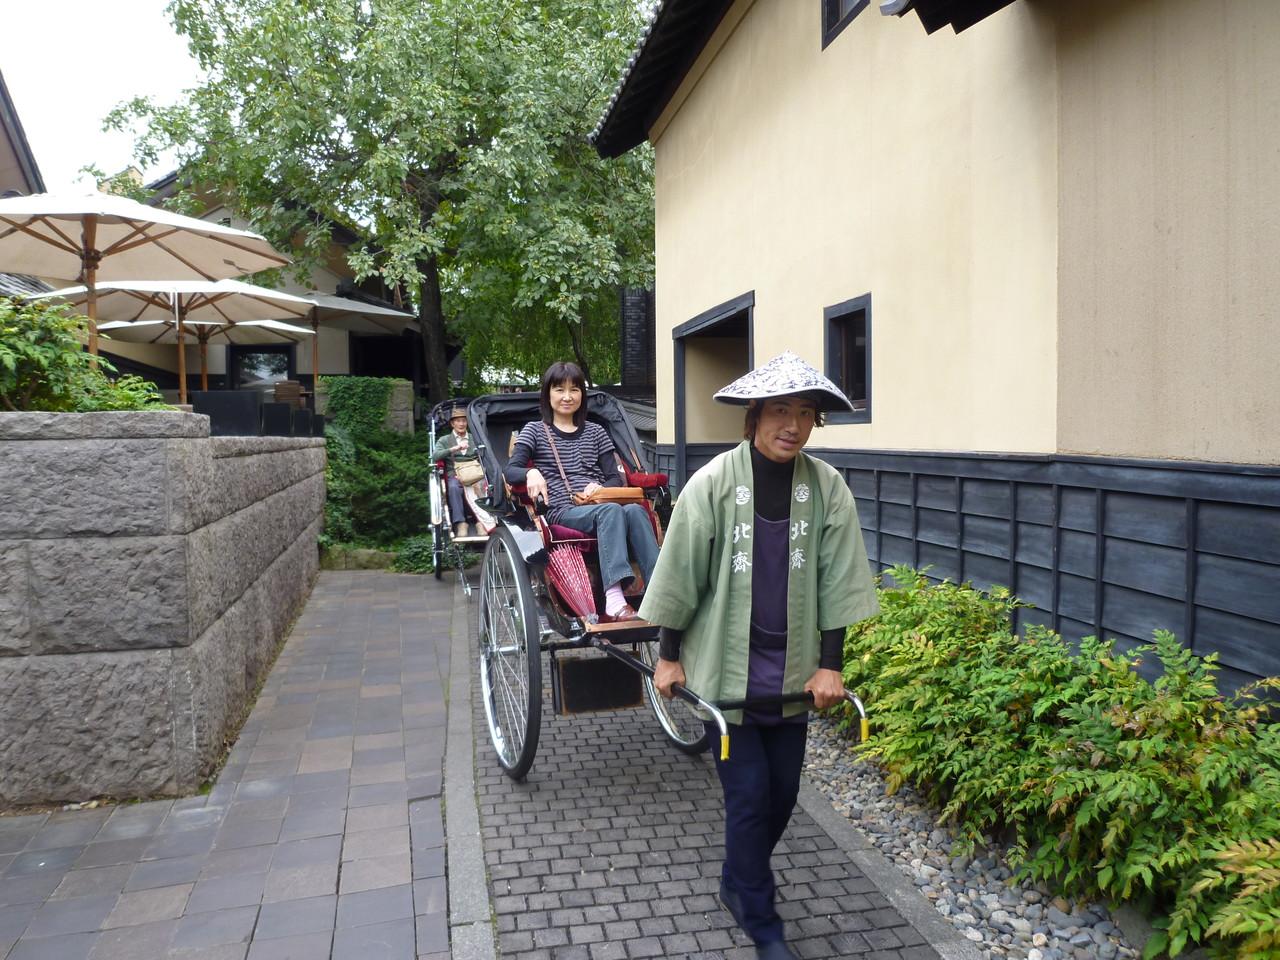 2012 10 14! 旬の小布施町へ!ようこそ!2